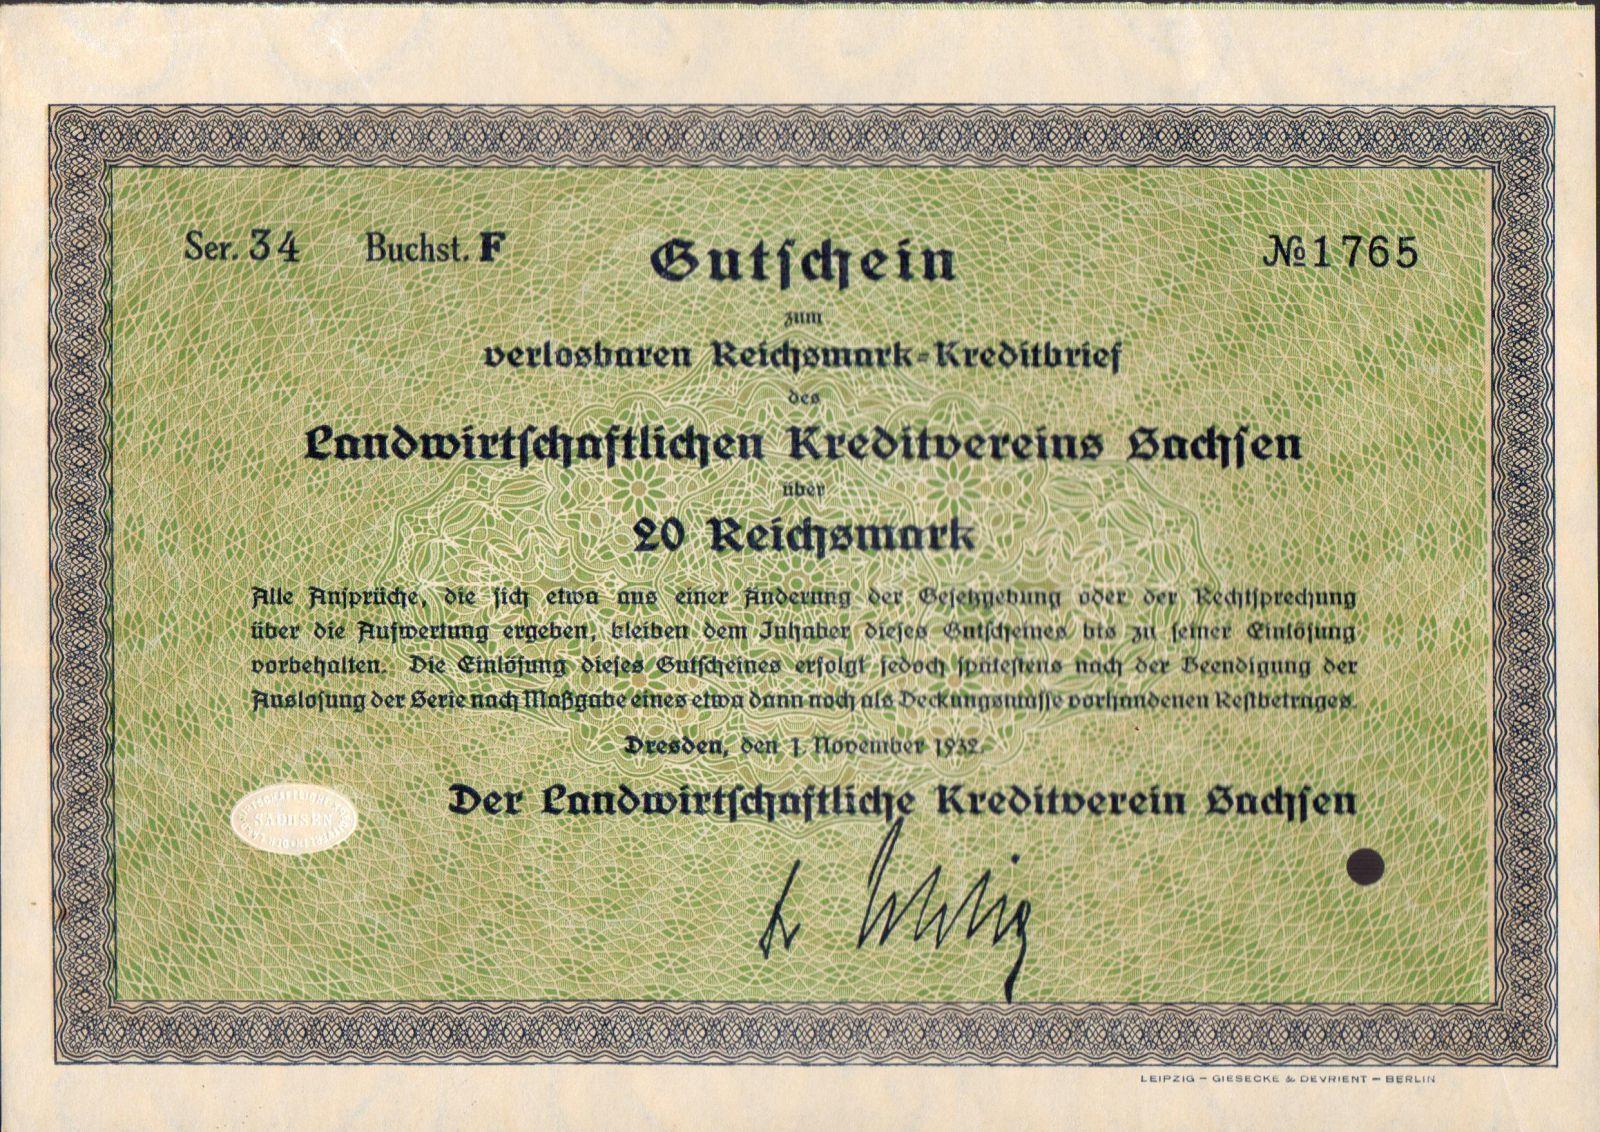 Dluhopis Landwirtschaftlichen Kreditverein Sachsen, Dresden/1930/, 20 Reichsmark